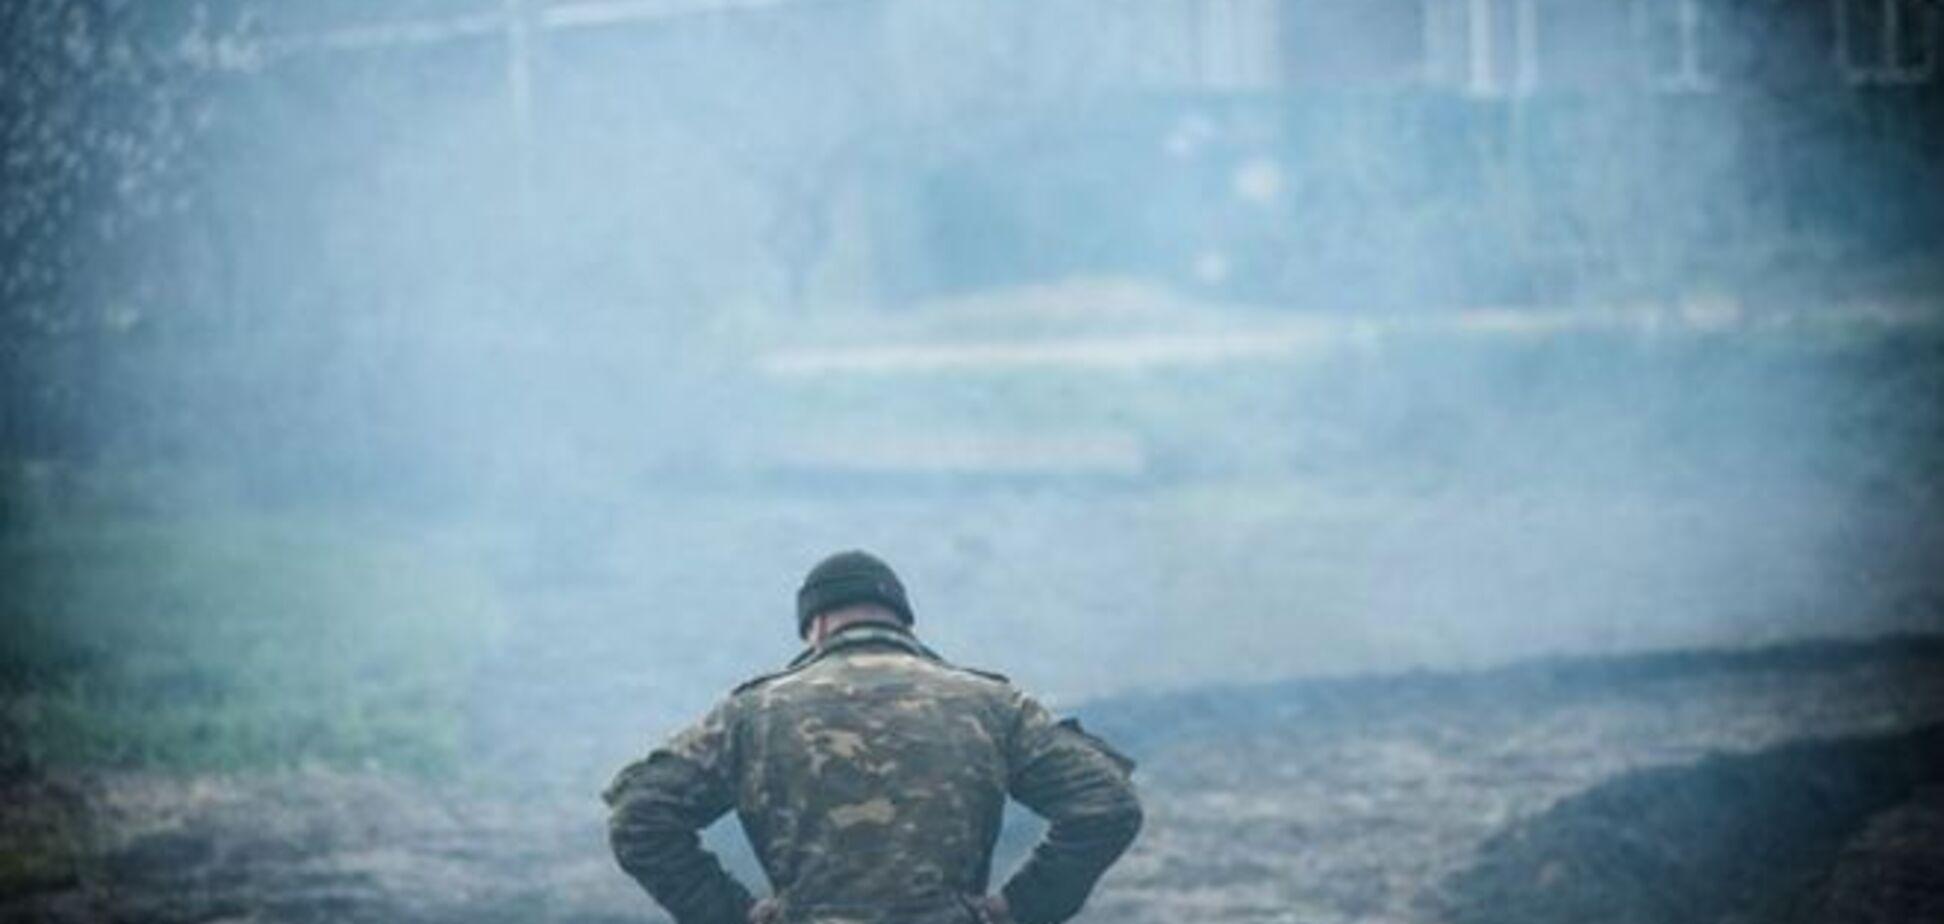 У морг Дніпропетровська надійшли нові тіла і фрагменти воїнів, загиблих в зоні АТО